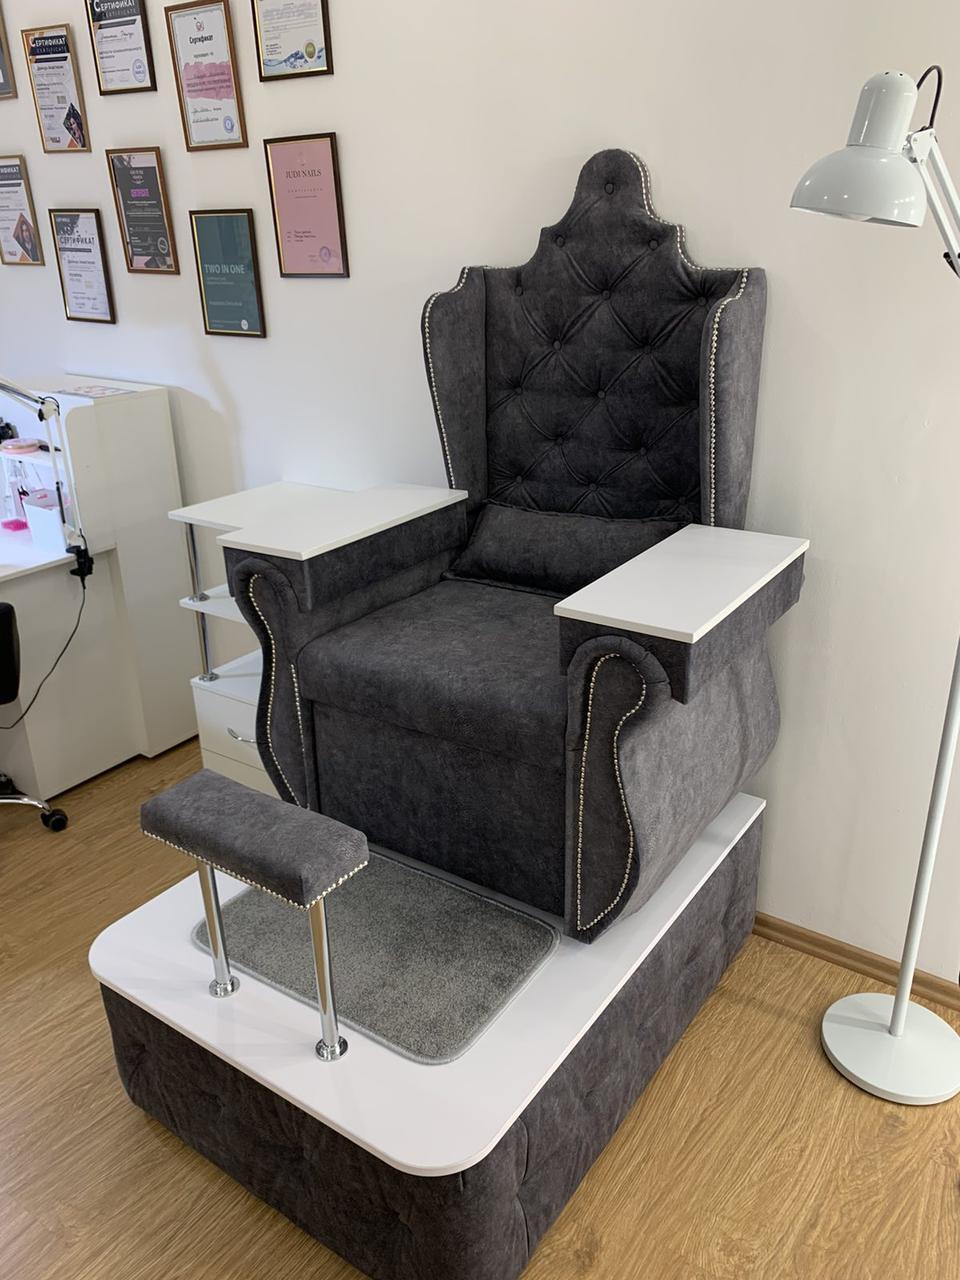 Педикюрное кресло Трон Queen кресло для педикюра Велюр